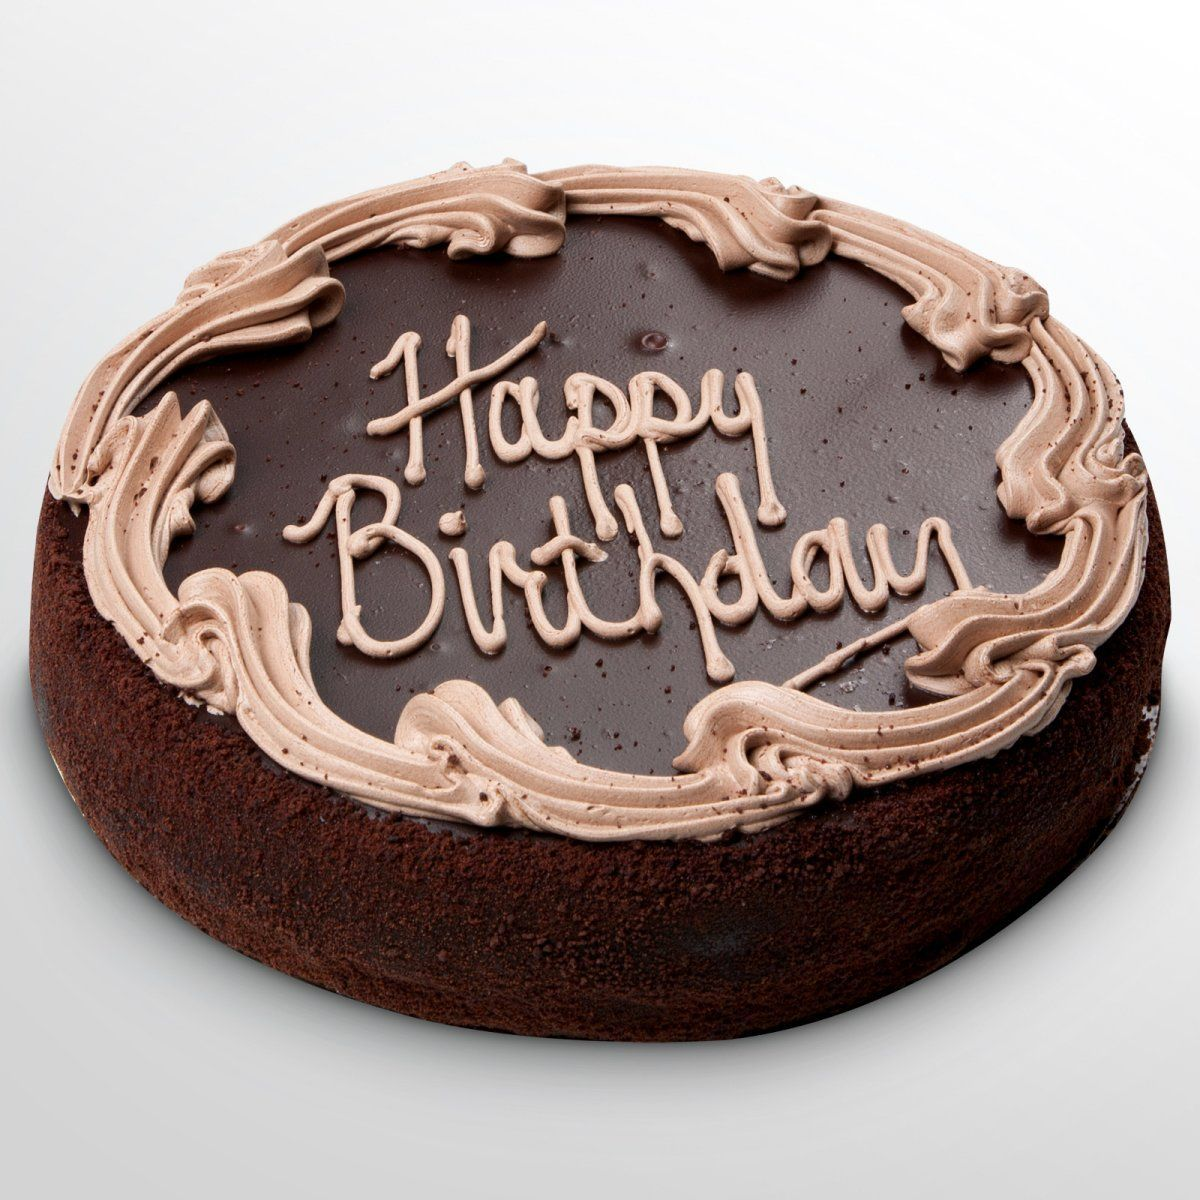 Birthday Cake Pic Download Free Birthday Cake Photos Download Free Clip Art Free Clip Art On Entitlementtrap Com Happy Birthday Chocolate Cake Creative Birthday Cakes Chocolate Cake Images